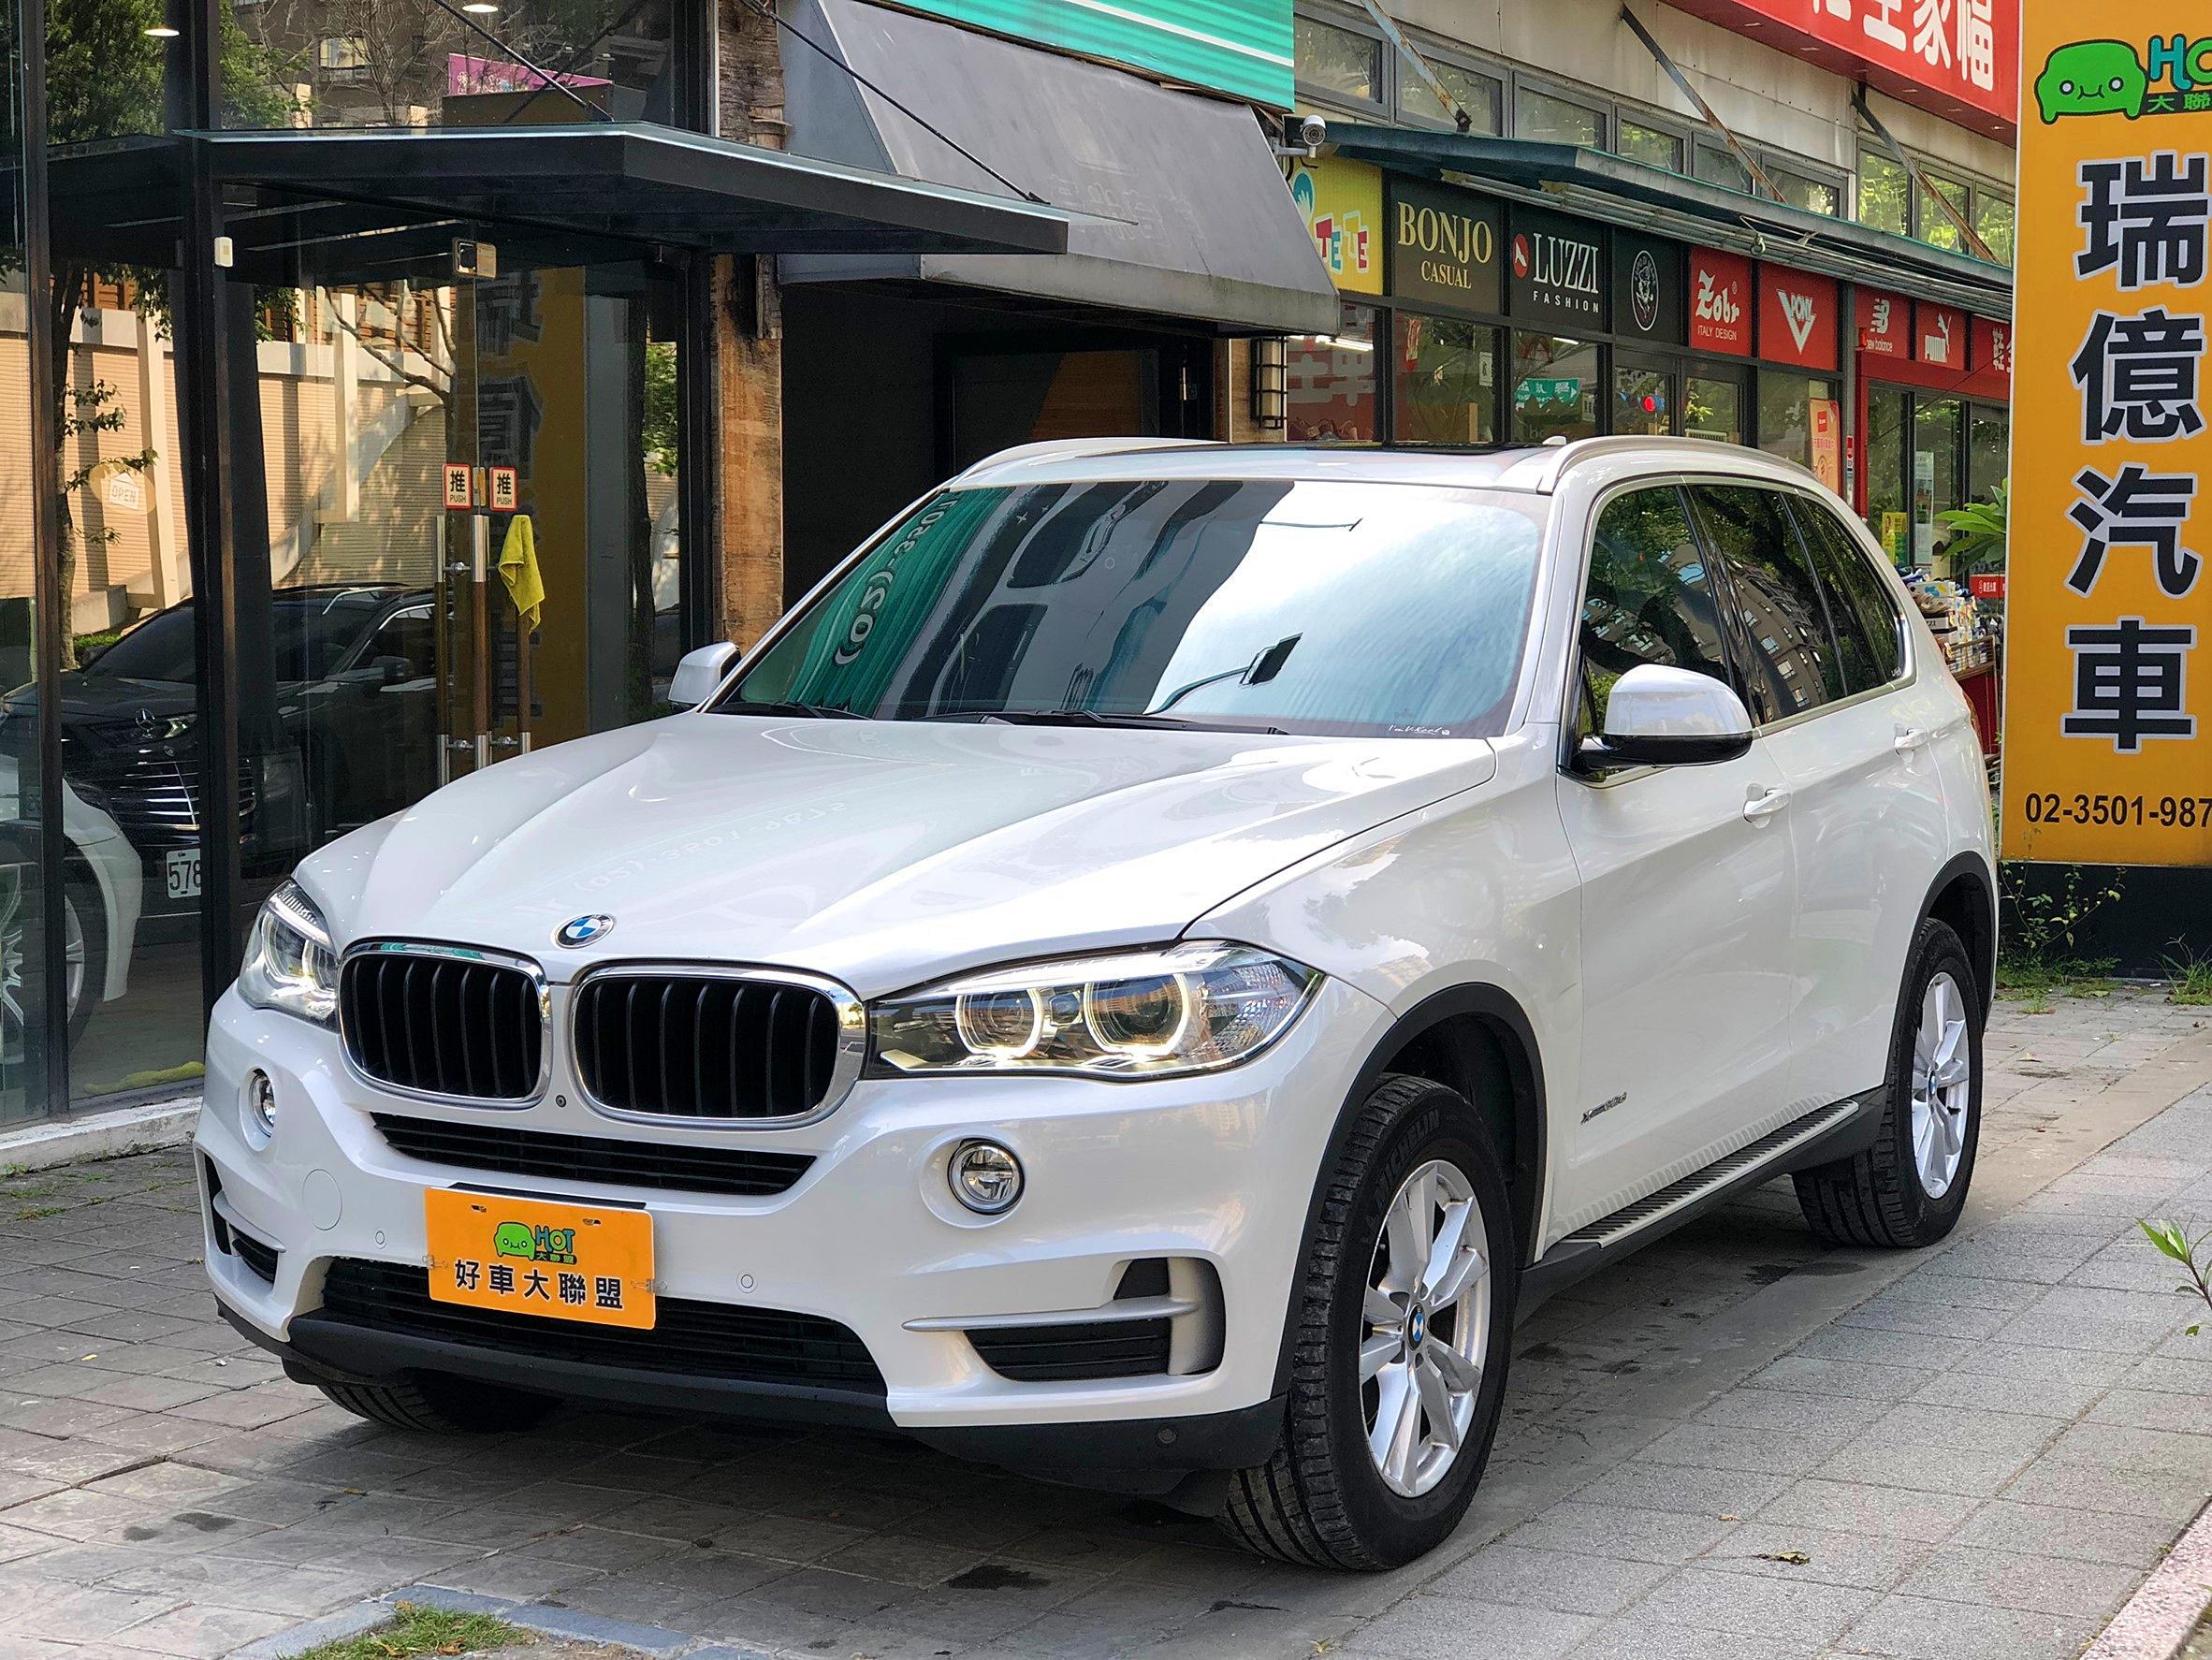 2013 BMW 寶馬 X5